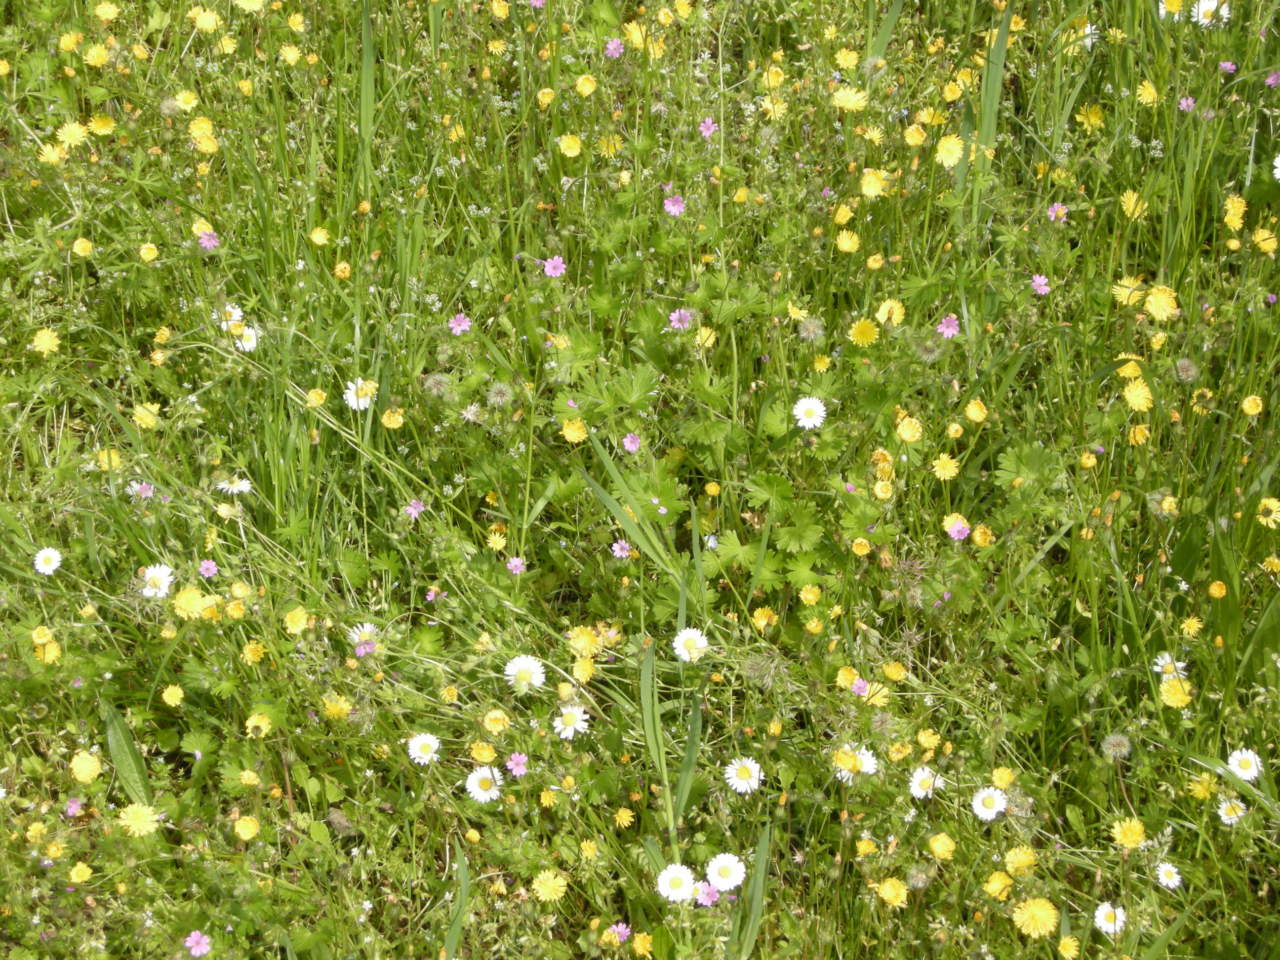 Manutenzione Prato Di Gramignone come eliminare le erbe infestanti dal prato - passione in verde